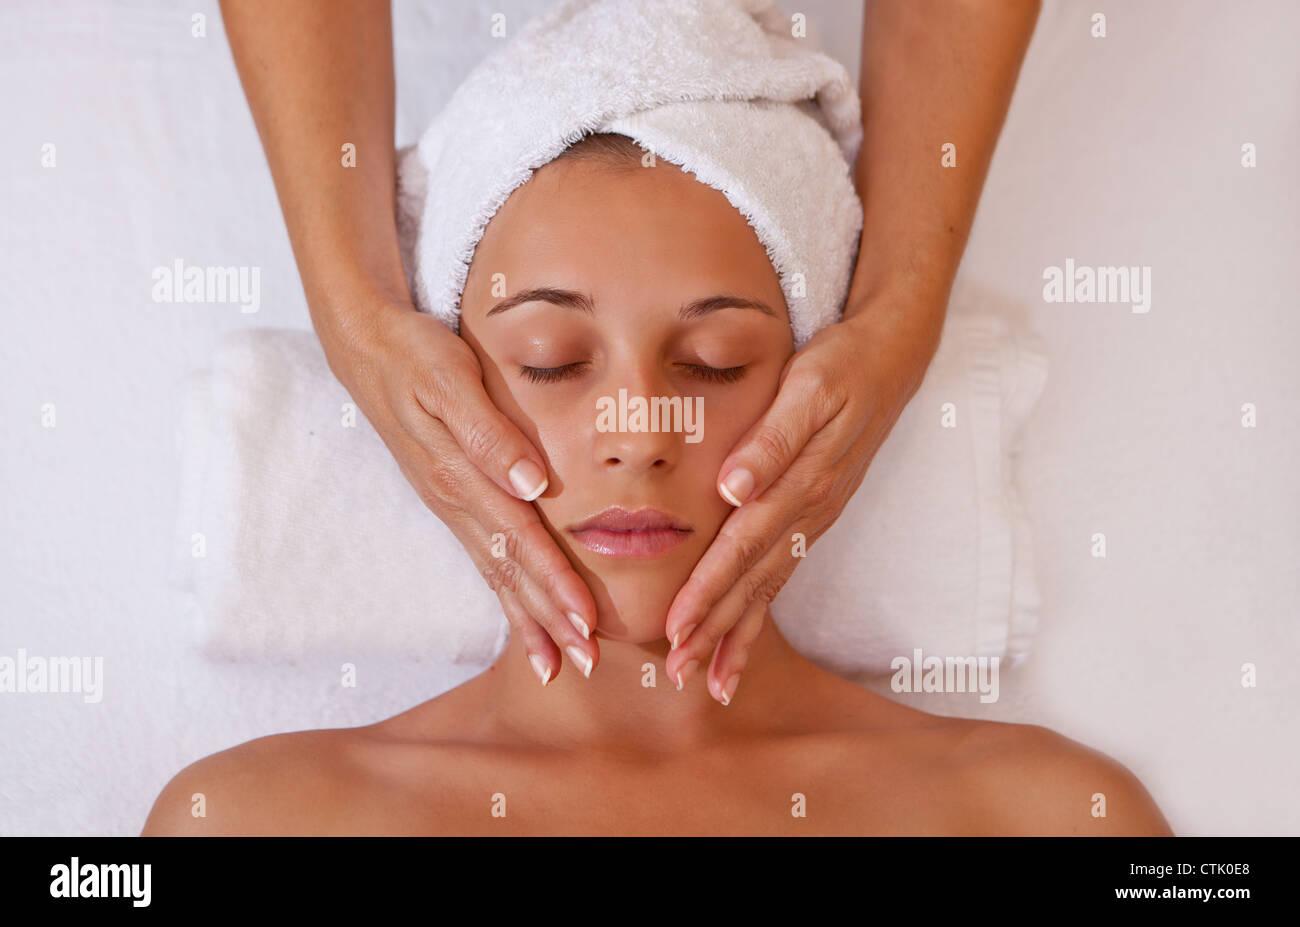 Donna getting rilassante della testa o il massaggio del viso Immagini Stock